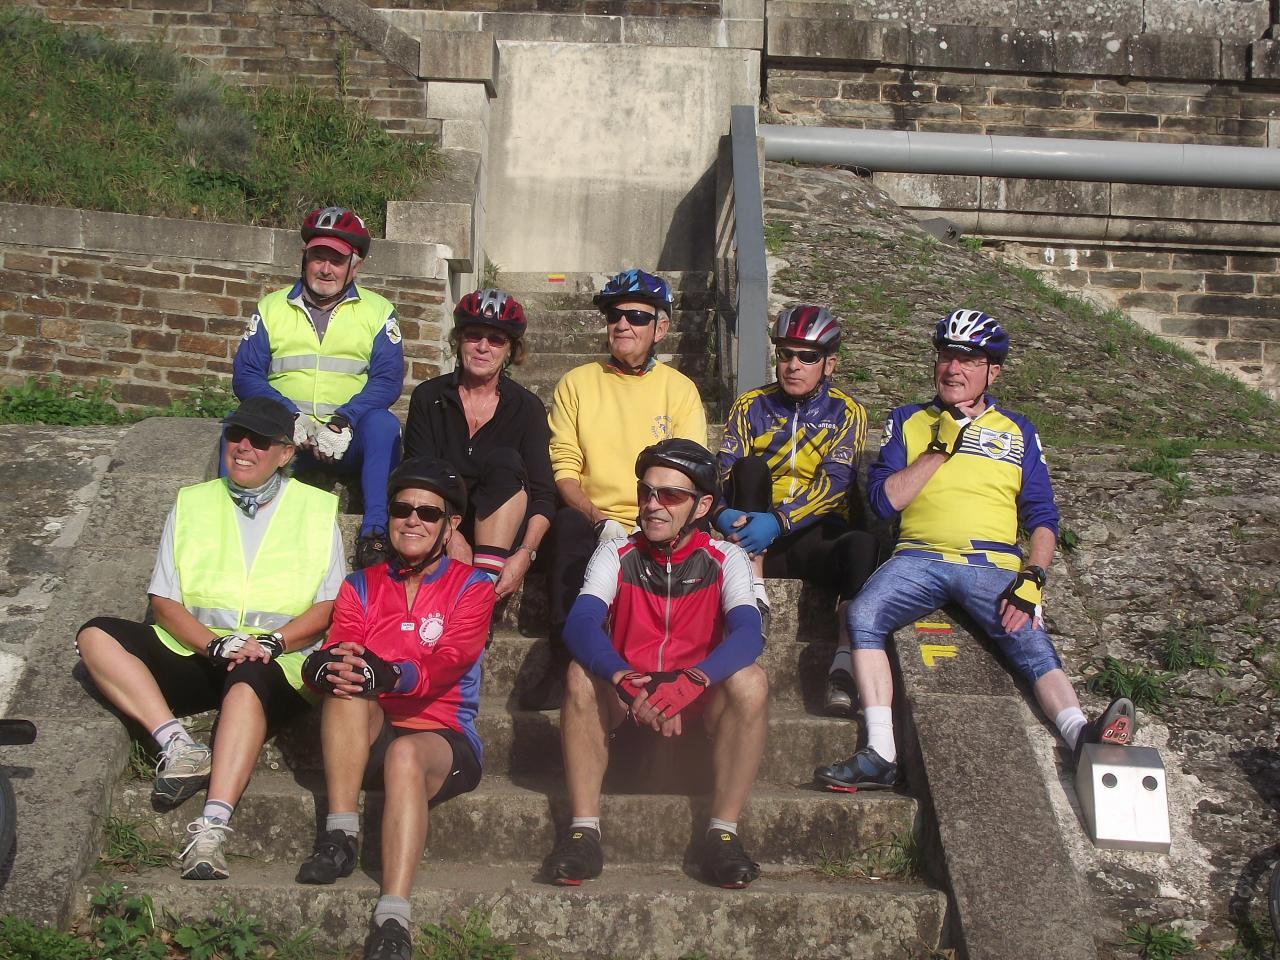 au pied du pont de Mauves-sur-Loire